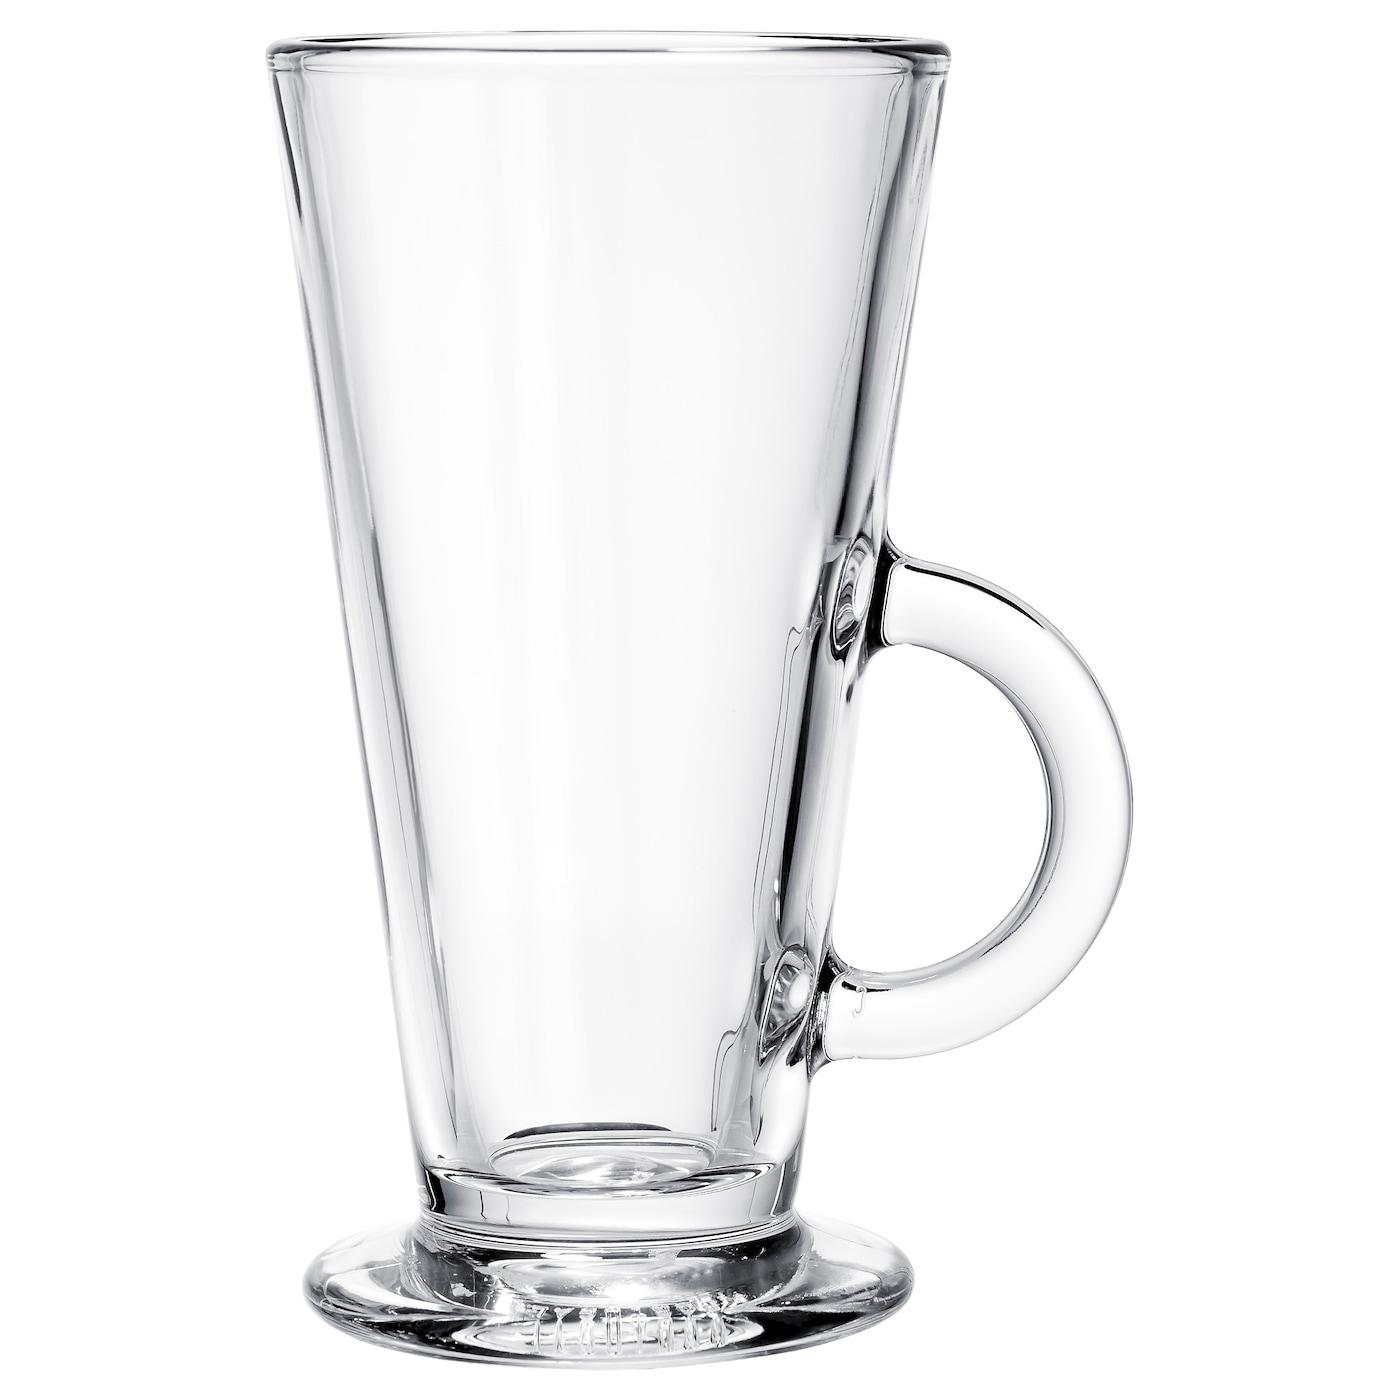 Ikea Glasses Cups Mugs Ikea Ireland Dublin